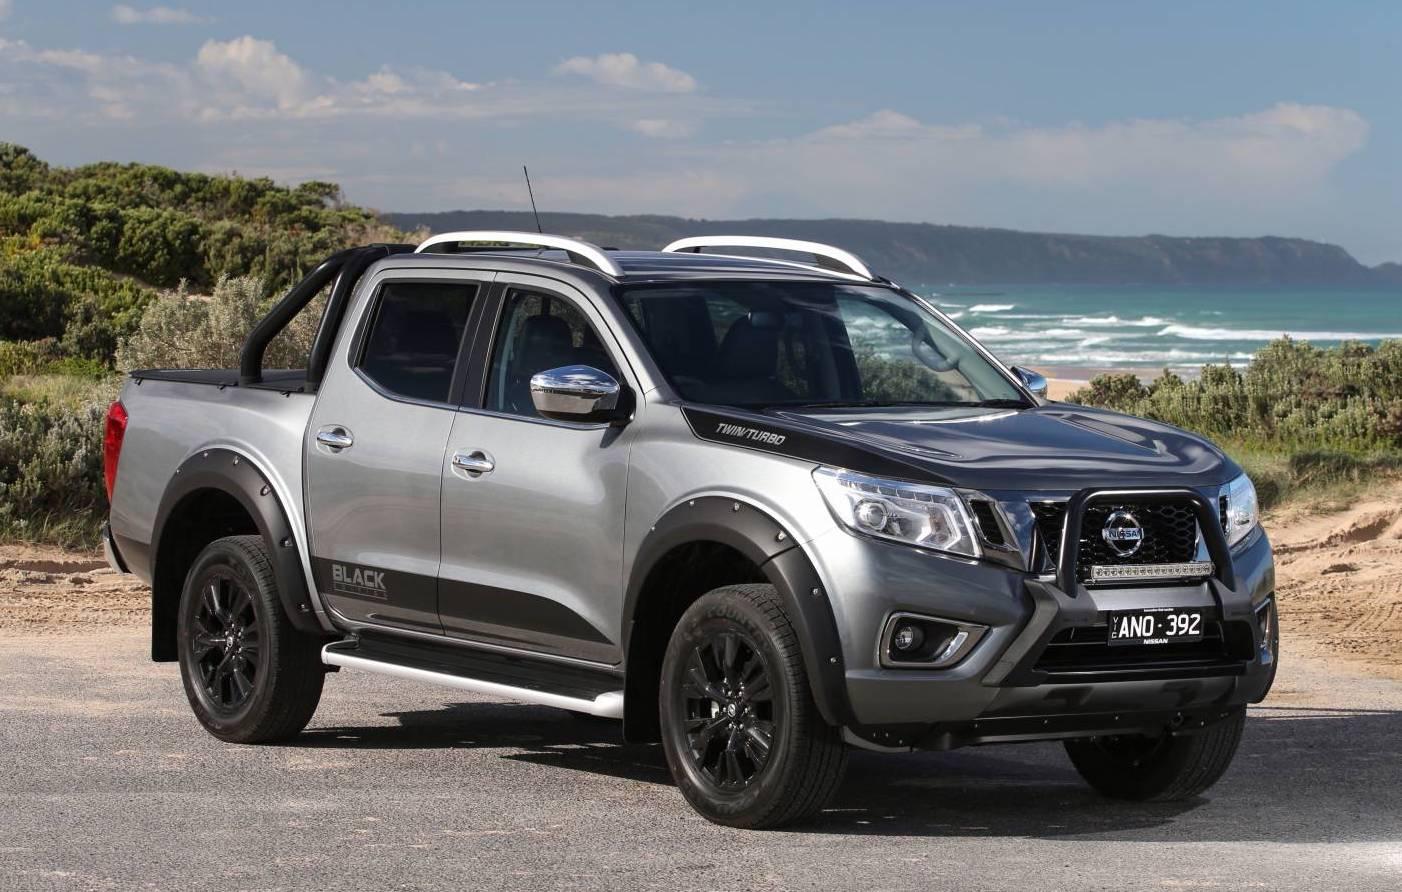 2017 Nissan Navara N-SPORT Black Edition now on sale in ...